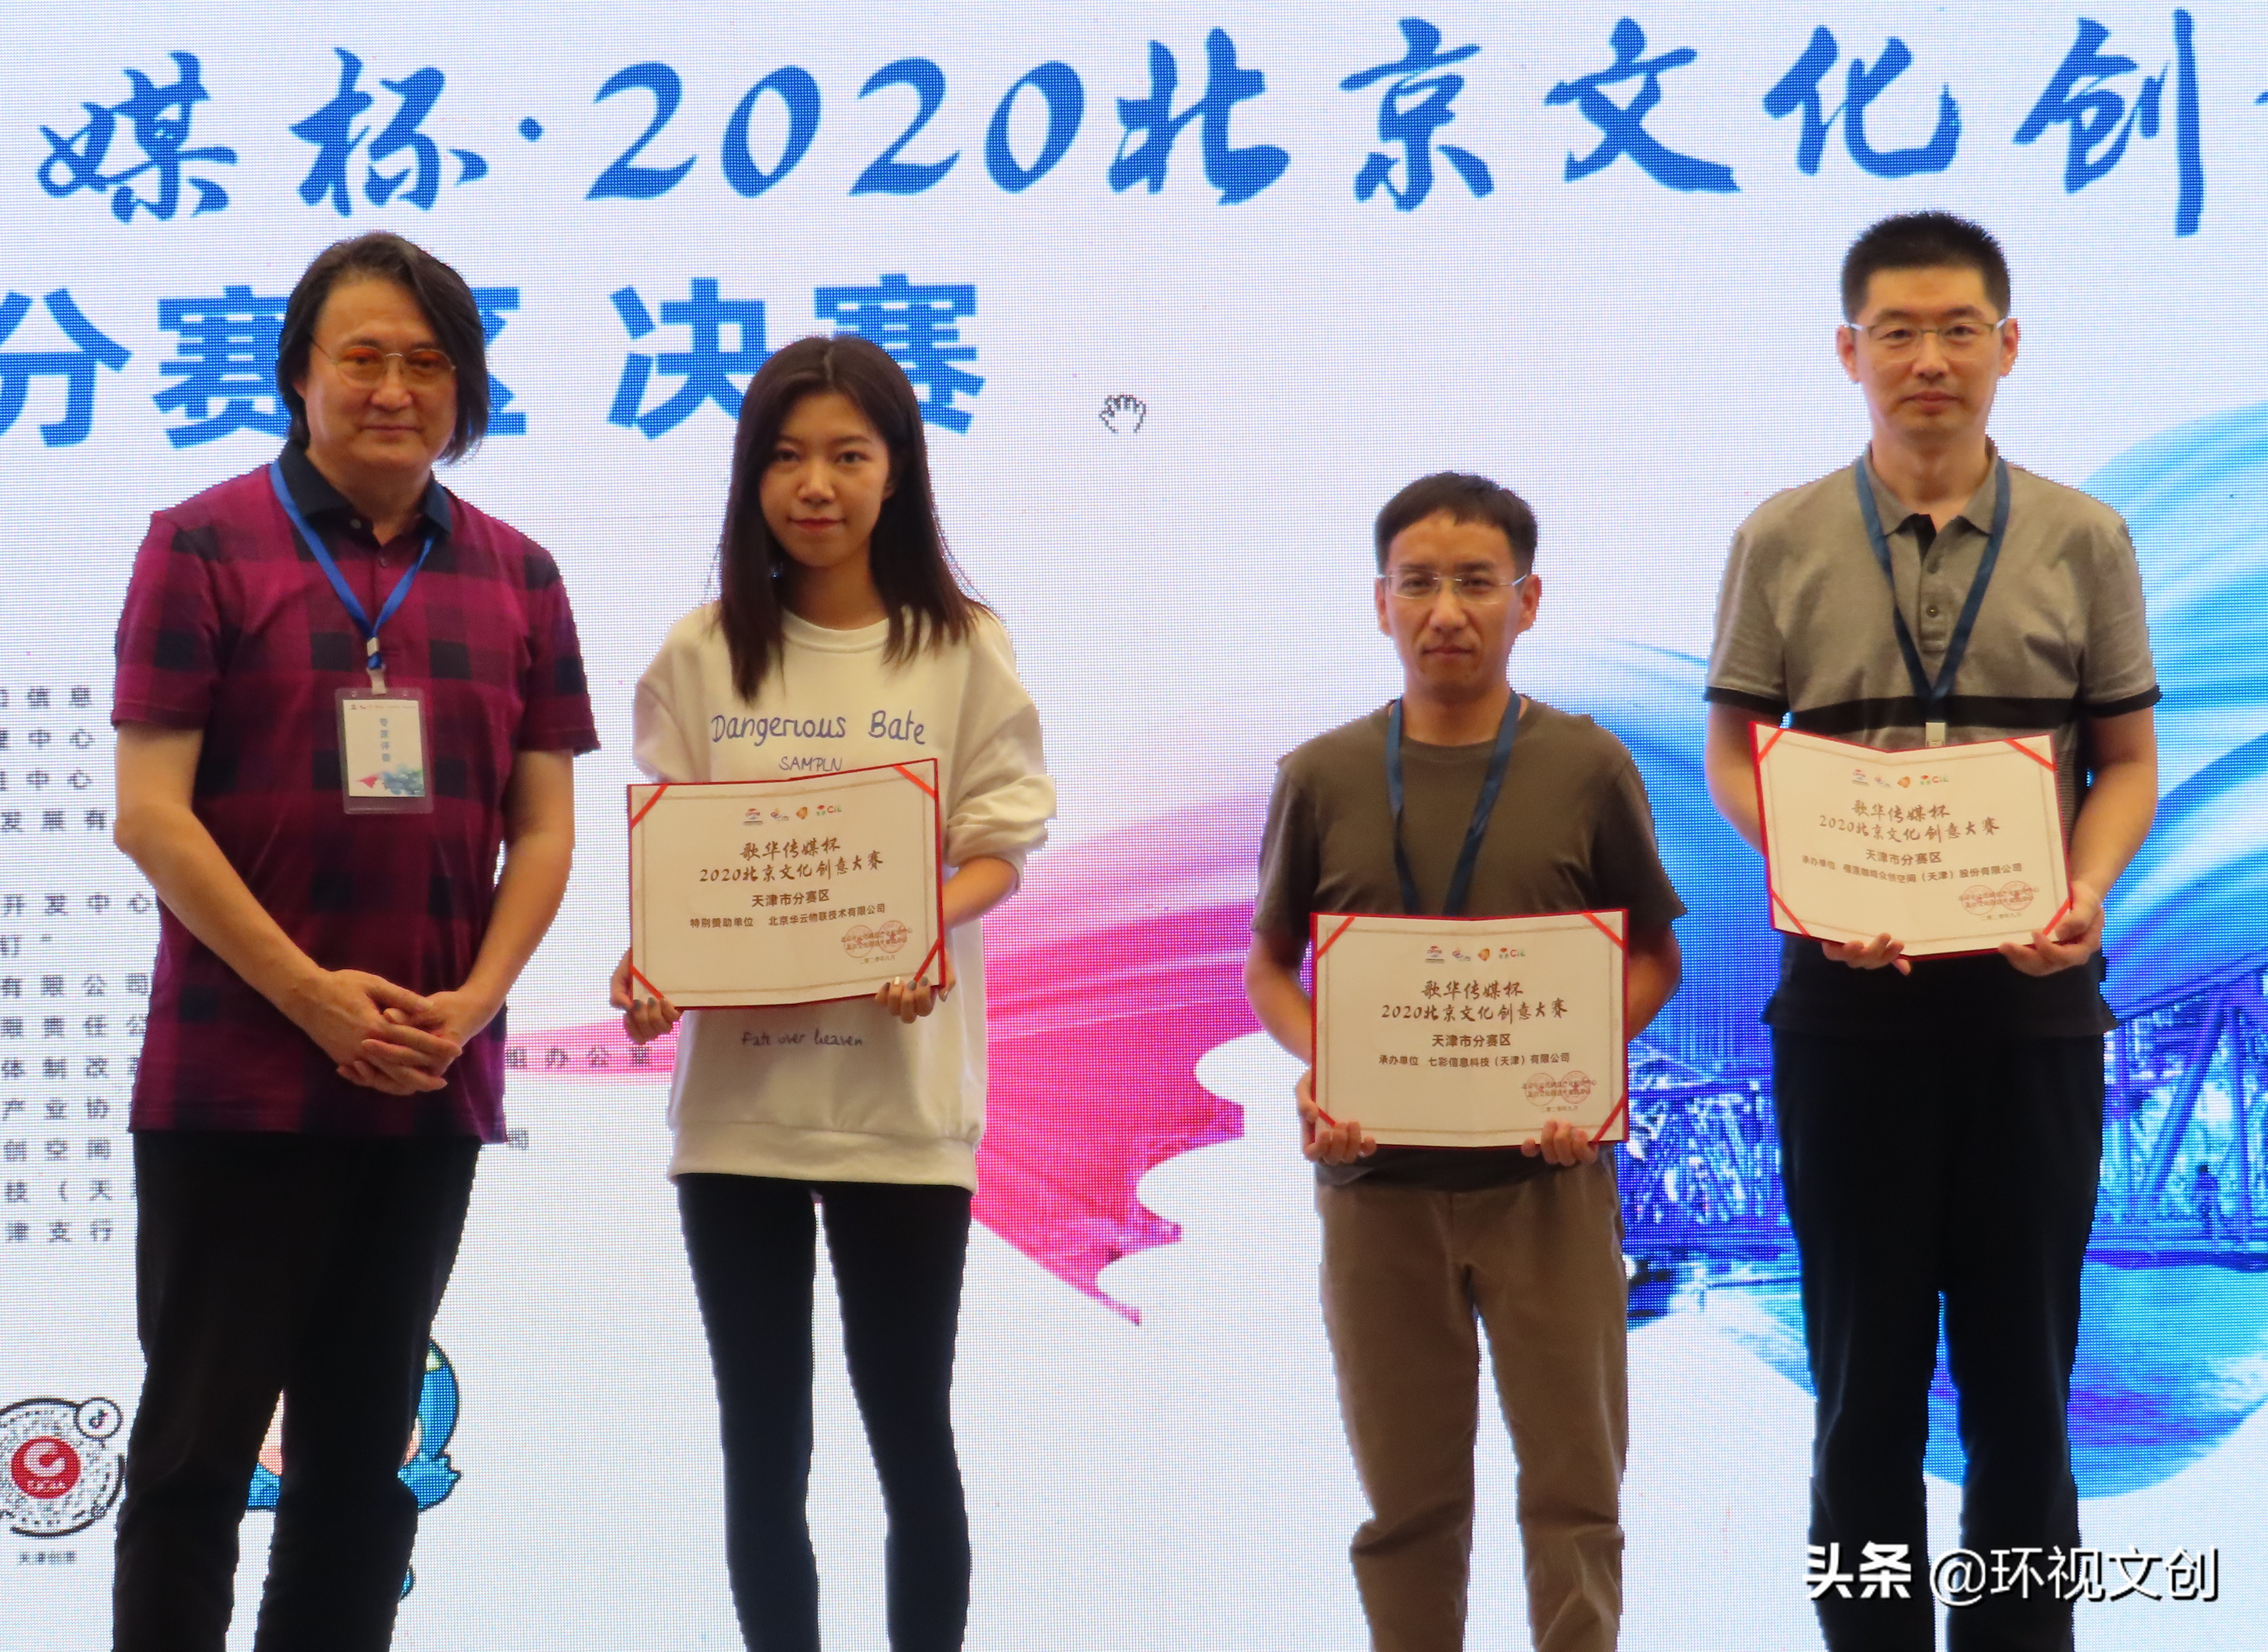 2020北京文化创意大赛华北赛区天津市分赛区决赛圆满落幕◇